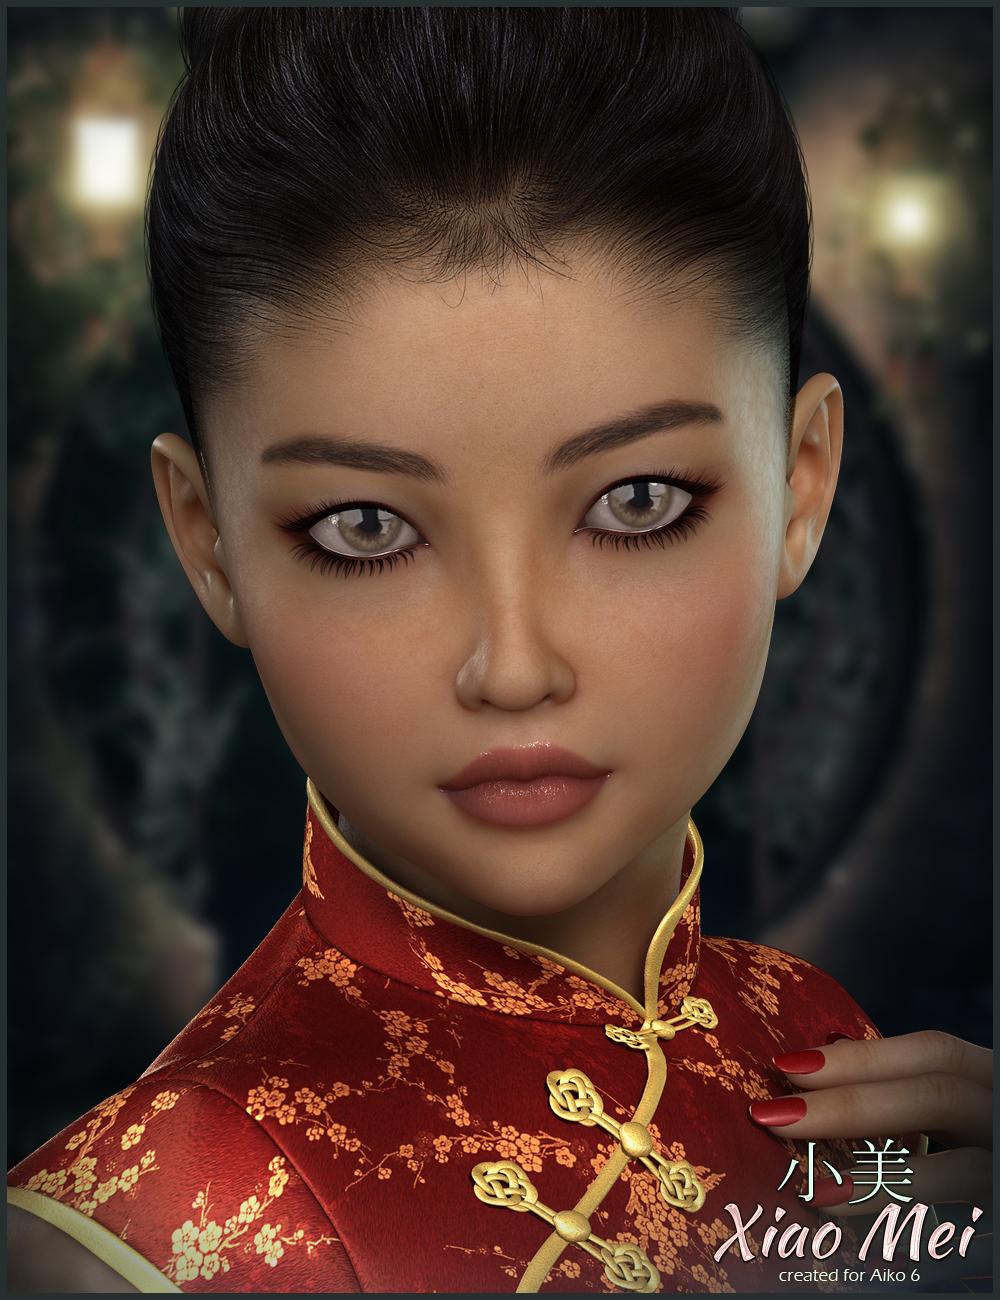 FWSA Xiao Mei by: Fred Winkler ArtSabby, 3D Models by Daz 3D